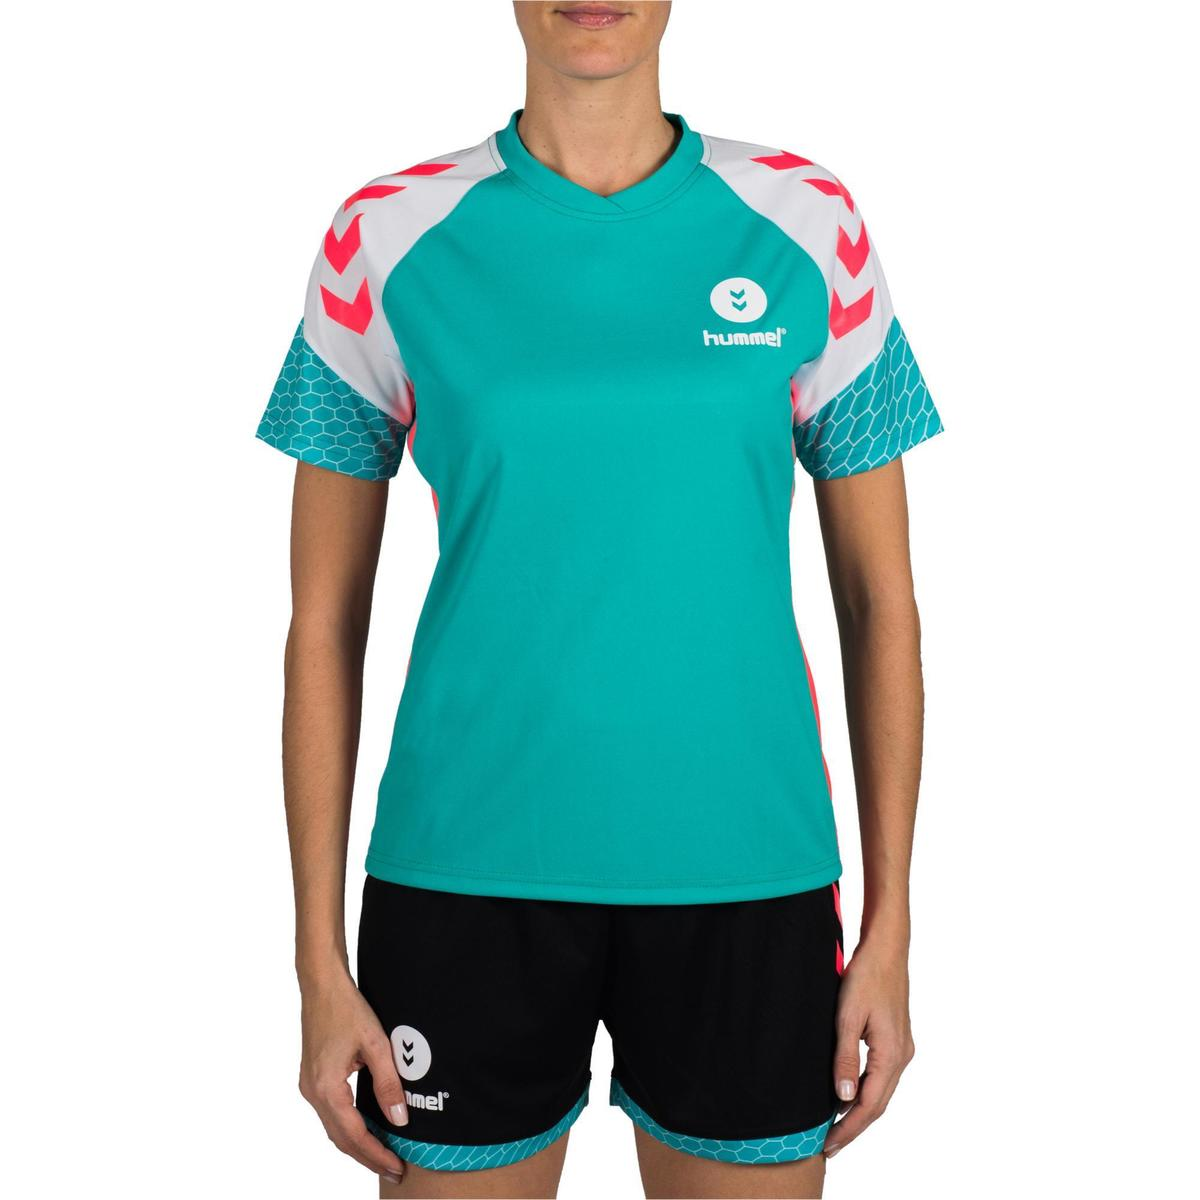 Bild 2 von Handballtrikot Damen türkis/weiß